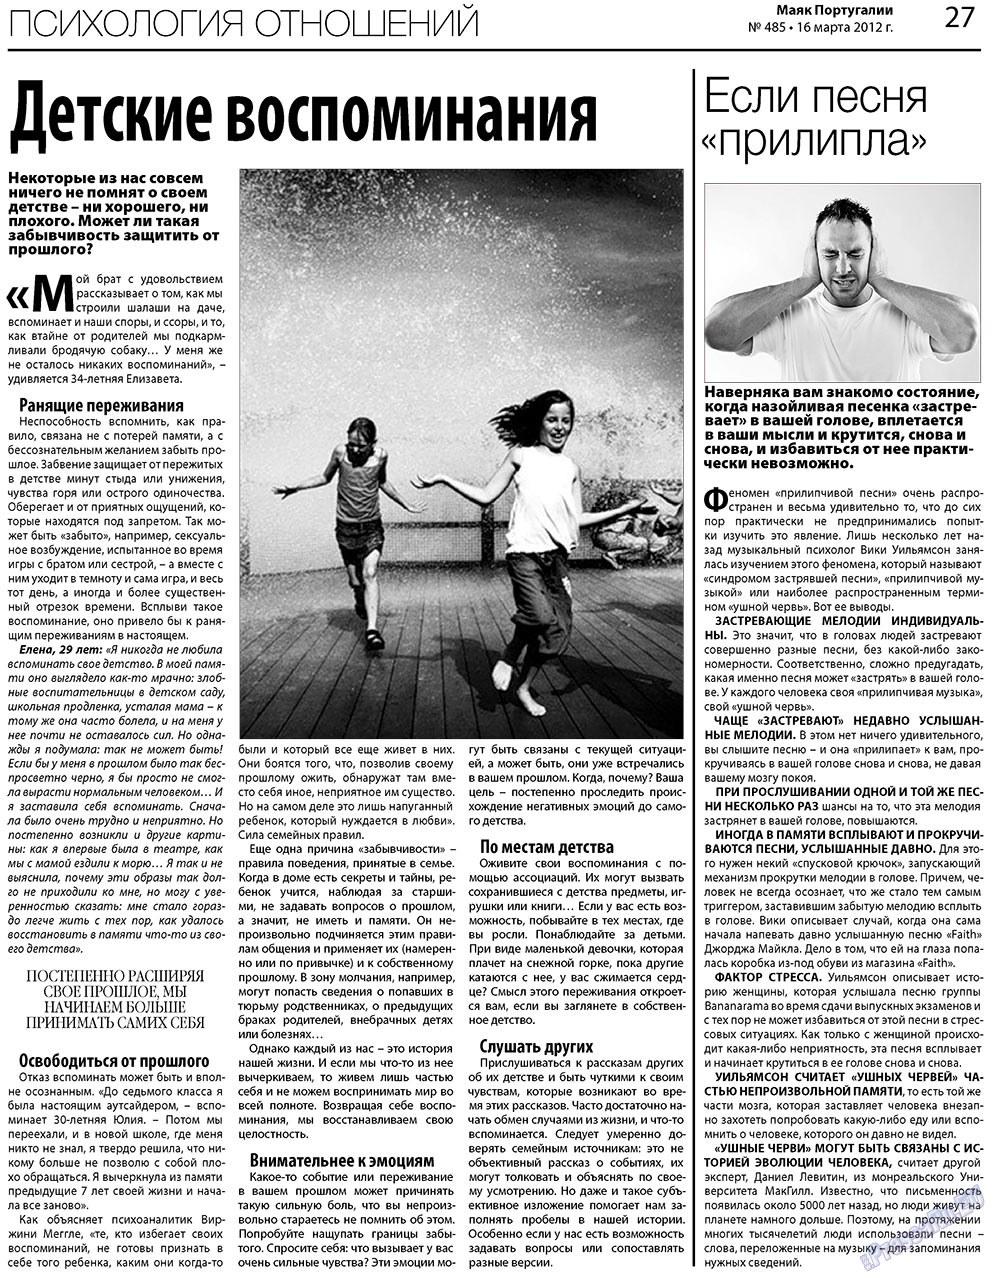 Маяк Португалии (газета). 2012 год, номер 485, стр. 27